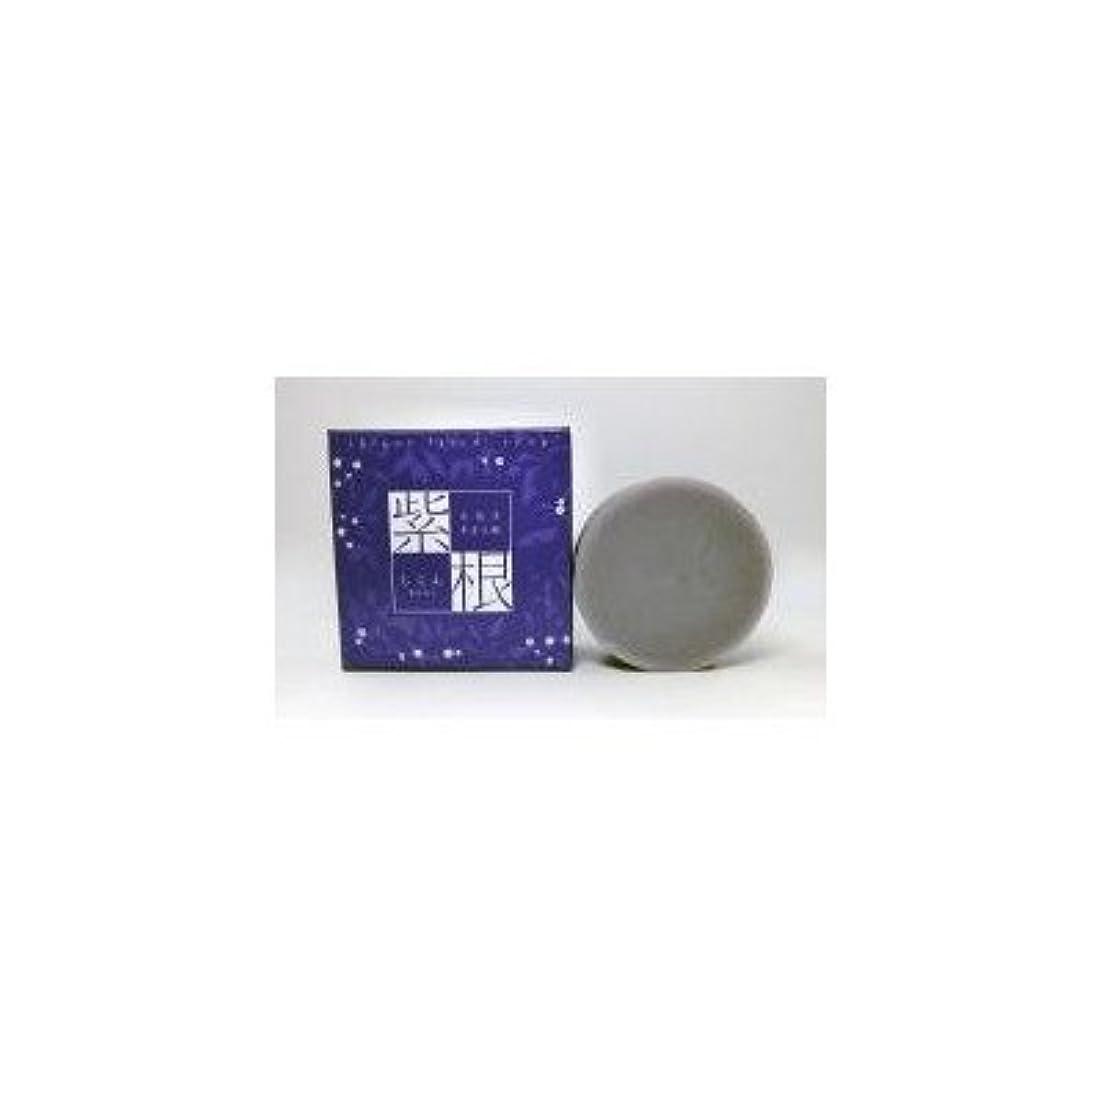 またねフクロウ路地紫根エキスをたっぷり配合した洗顔石鹸 紫根石鹸 100g×5個セット